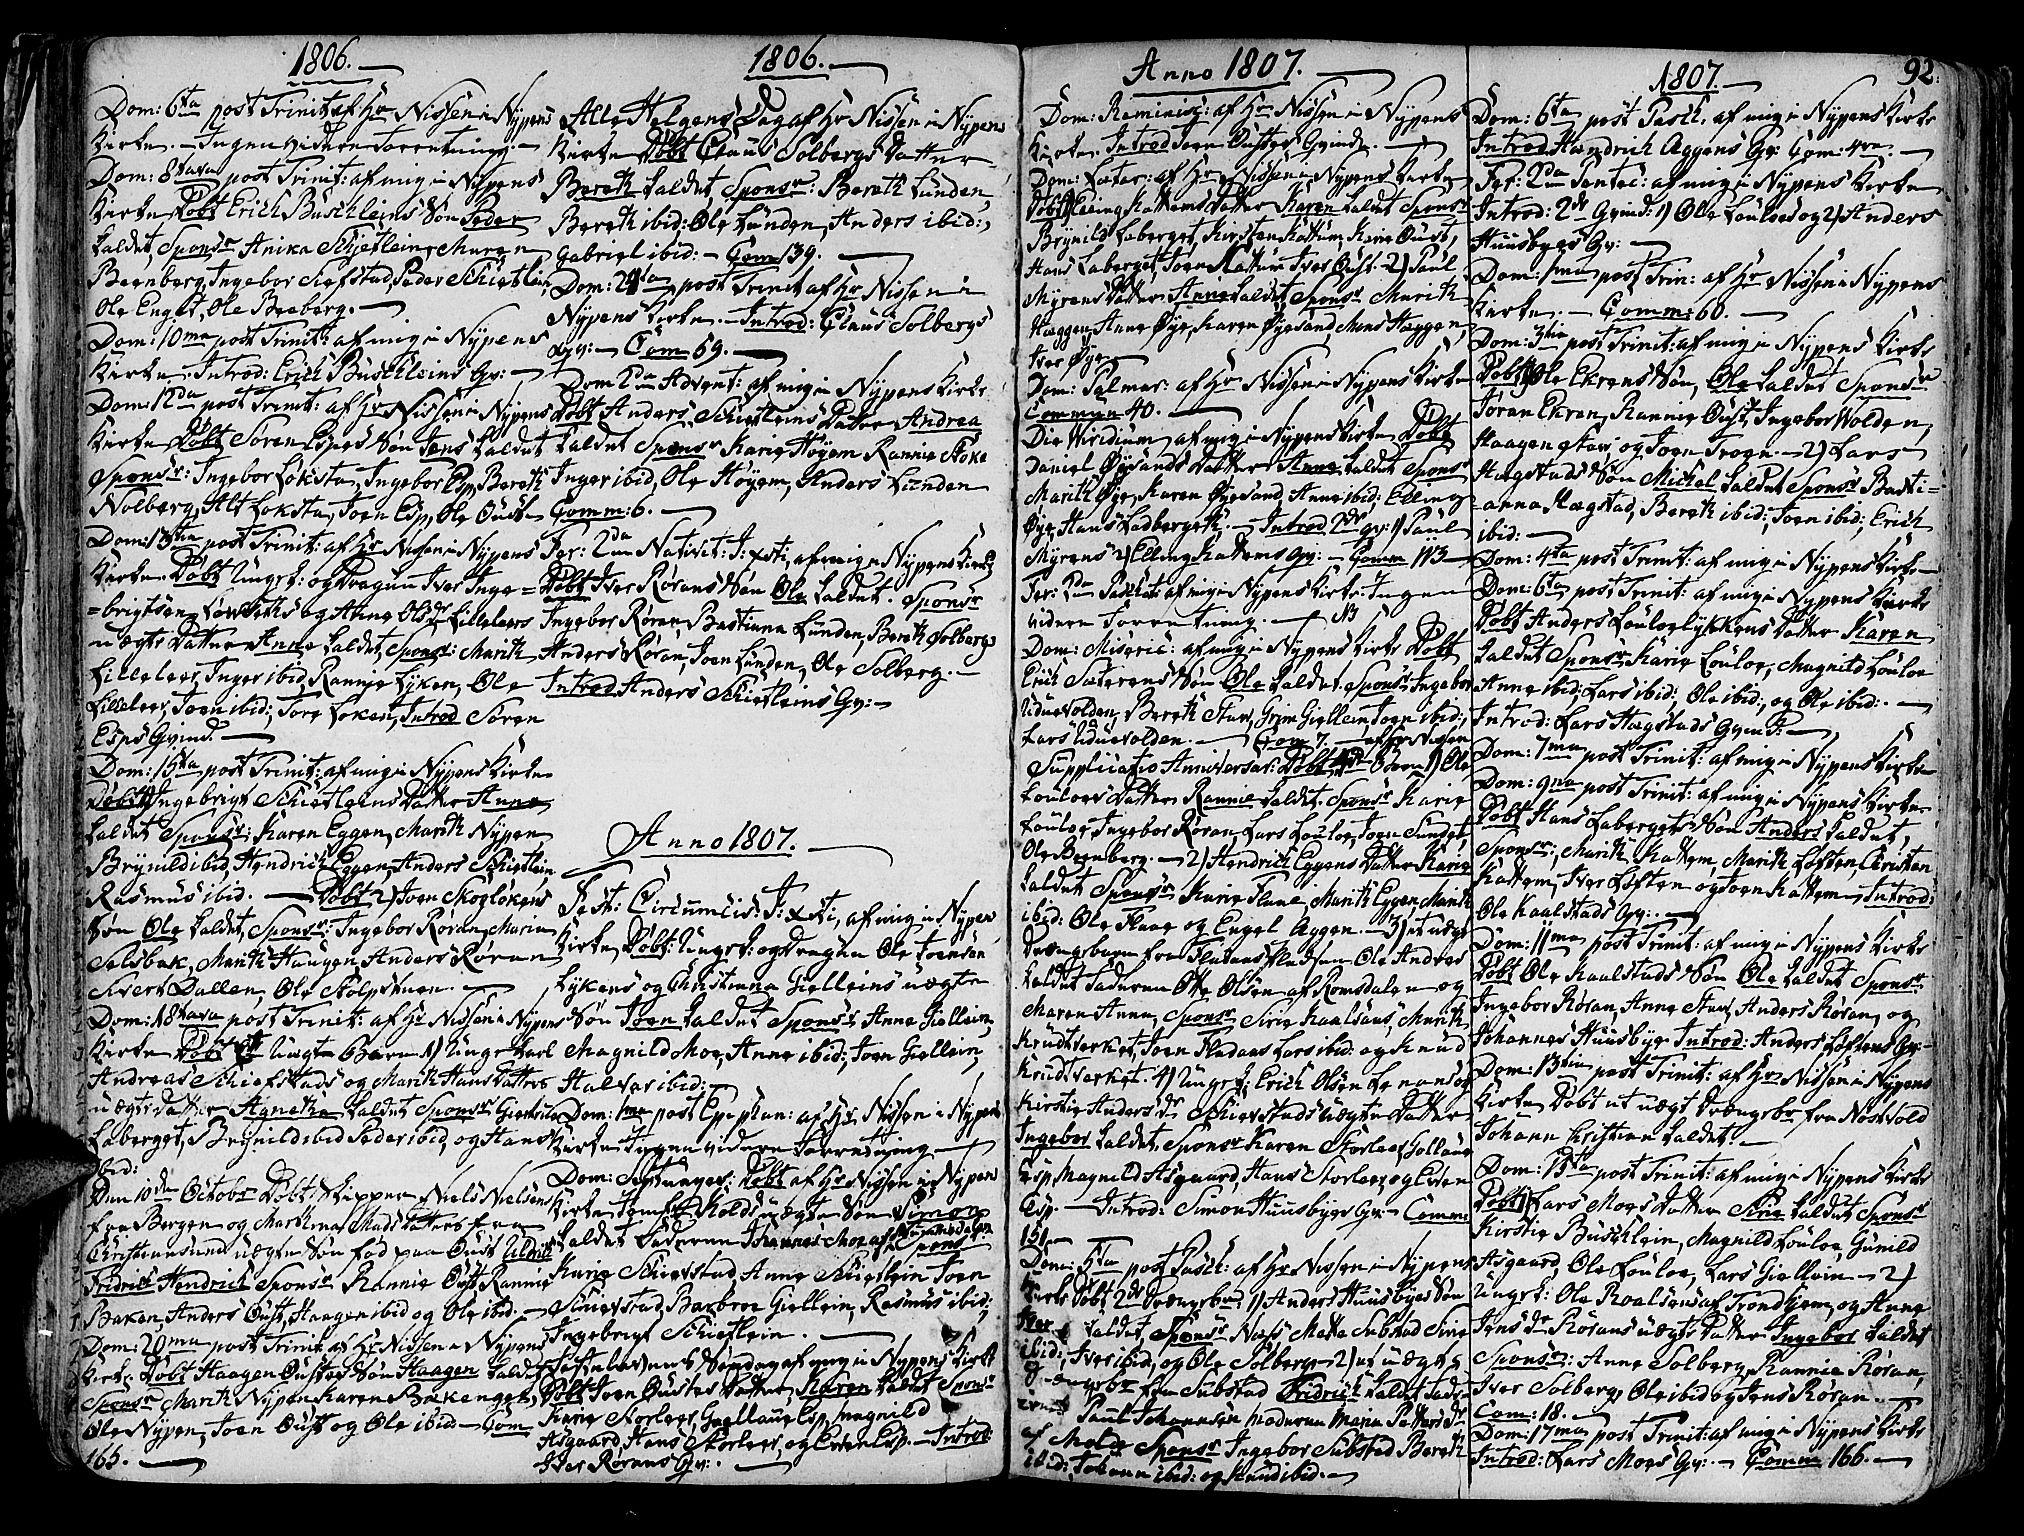 SAT, Ministerialprotokoller, klokkerbøker og fødselsregistre - Sør-Trøndelag, 691/L1063: Ministerialbok nr. 691A02 /3, 1768-1815, s. 92